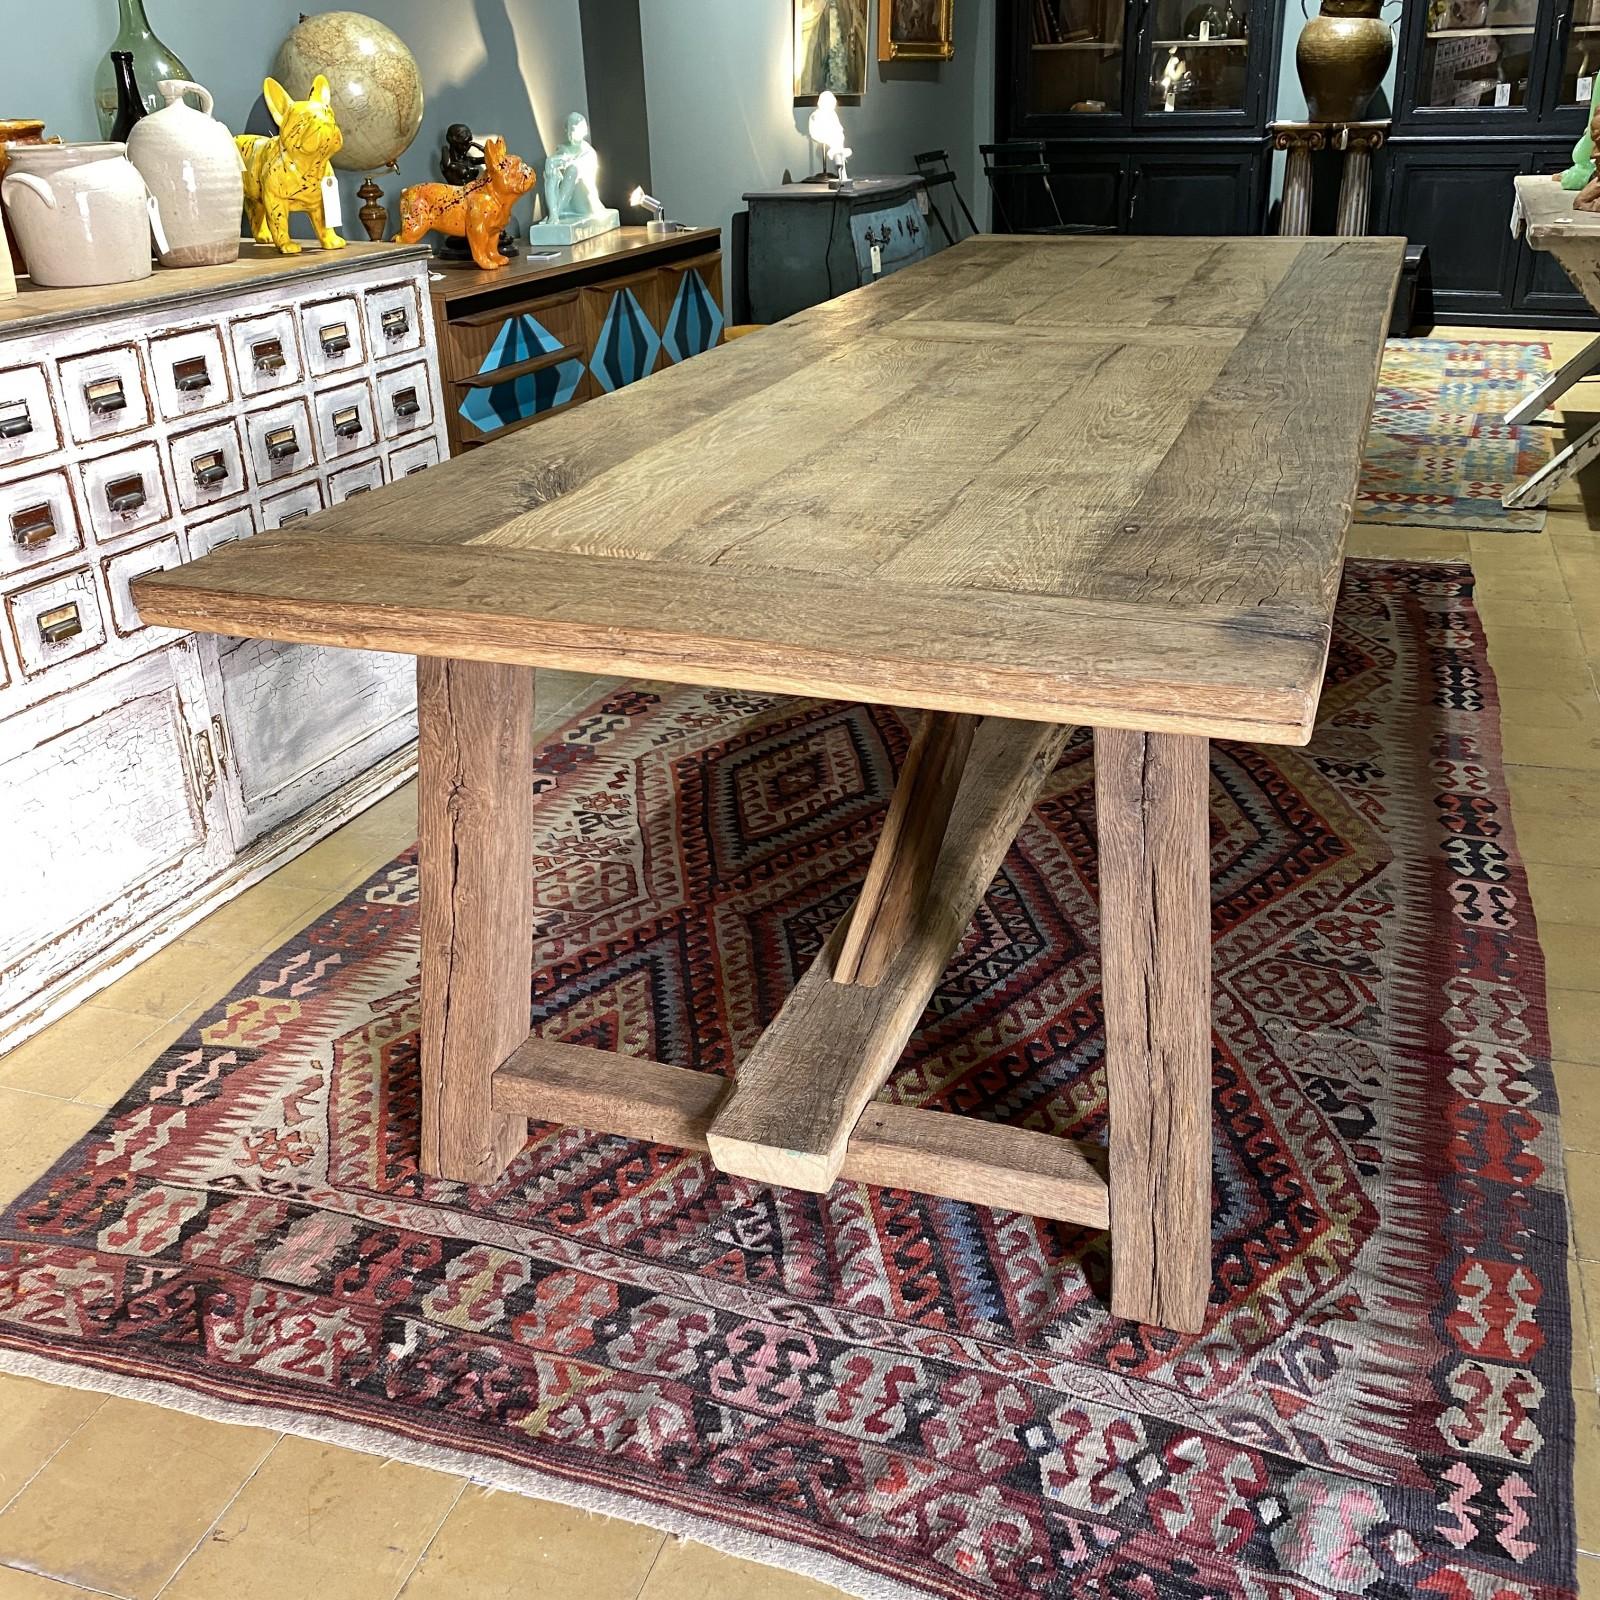 antique oak wood table